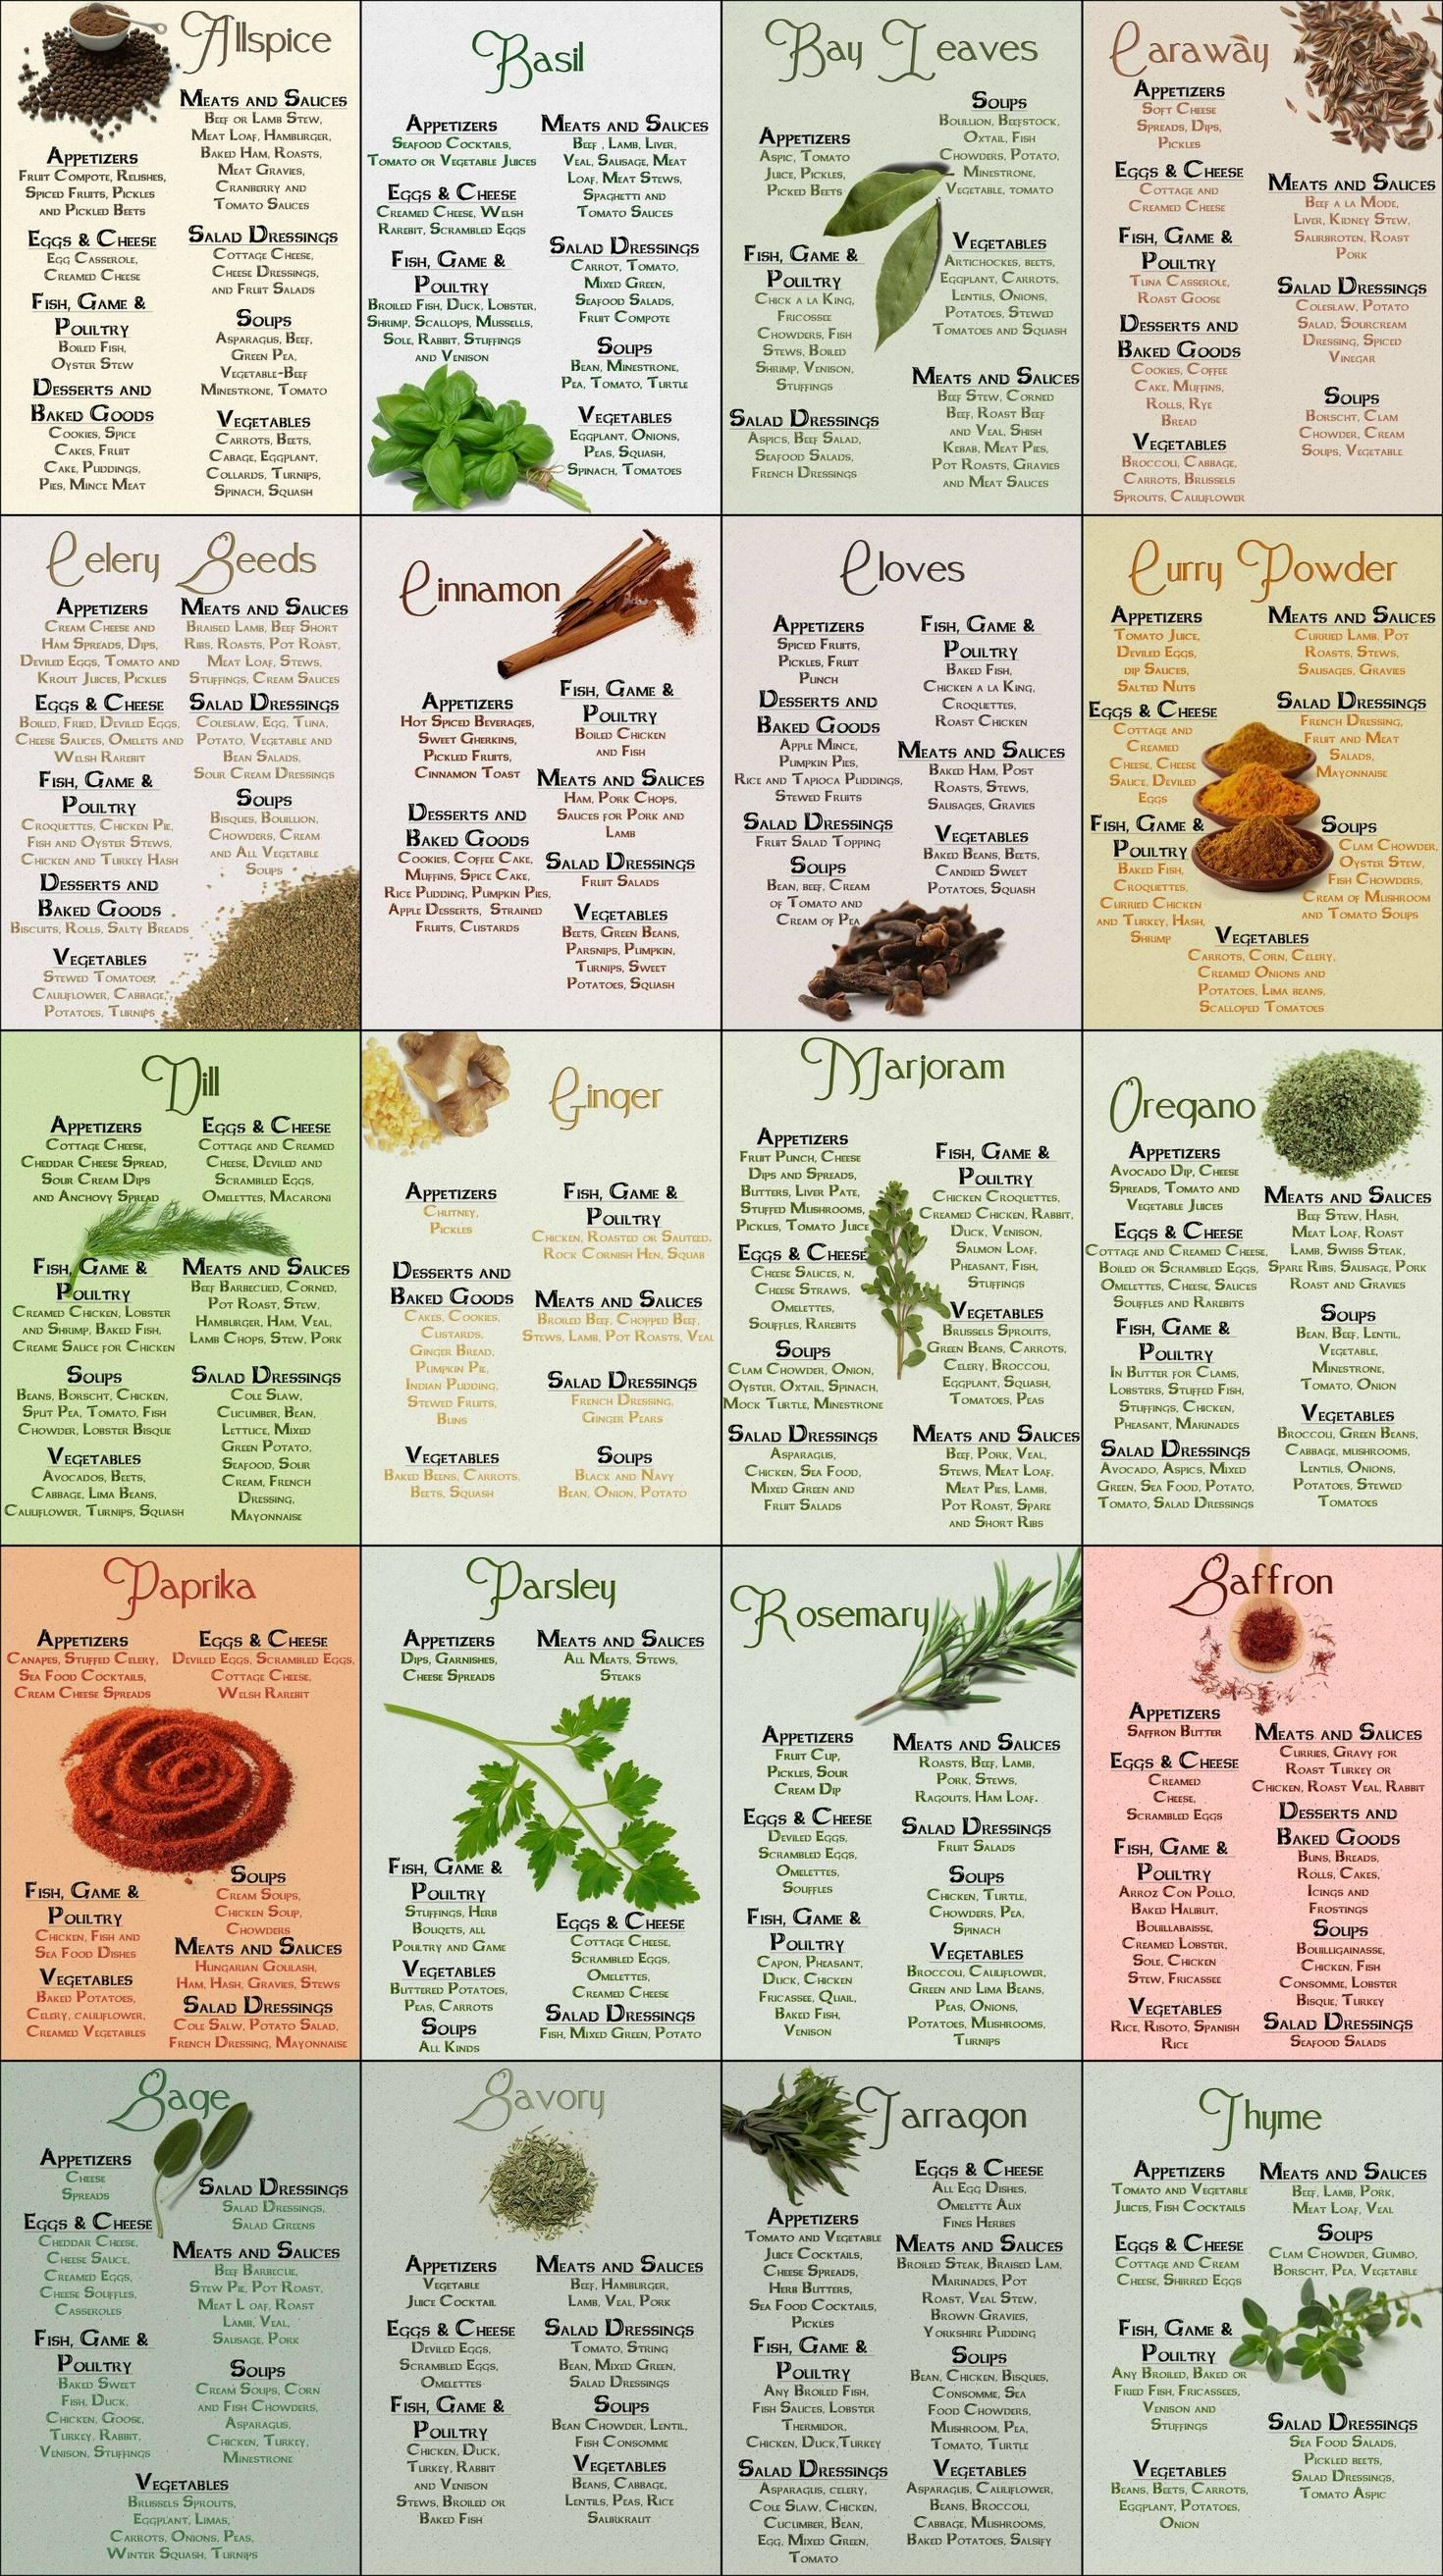 Herb & Spices Cheatsheet - Pretty much saved my co